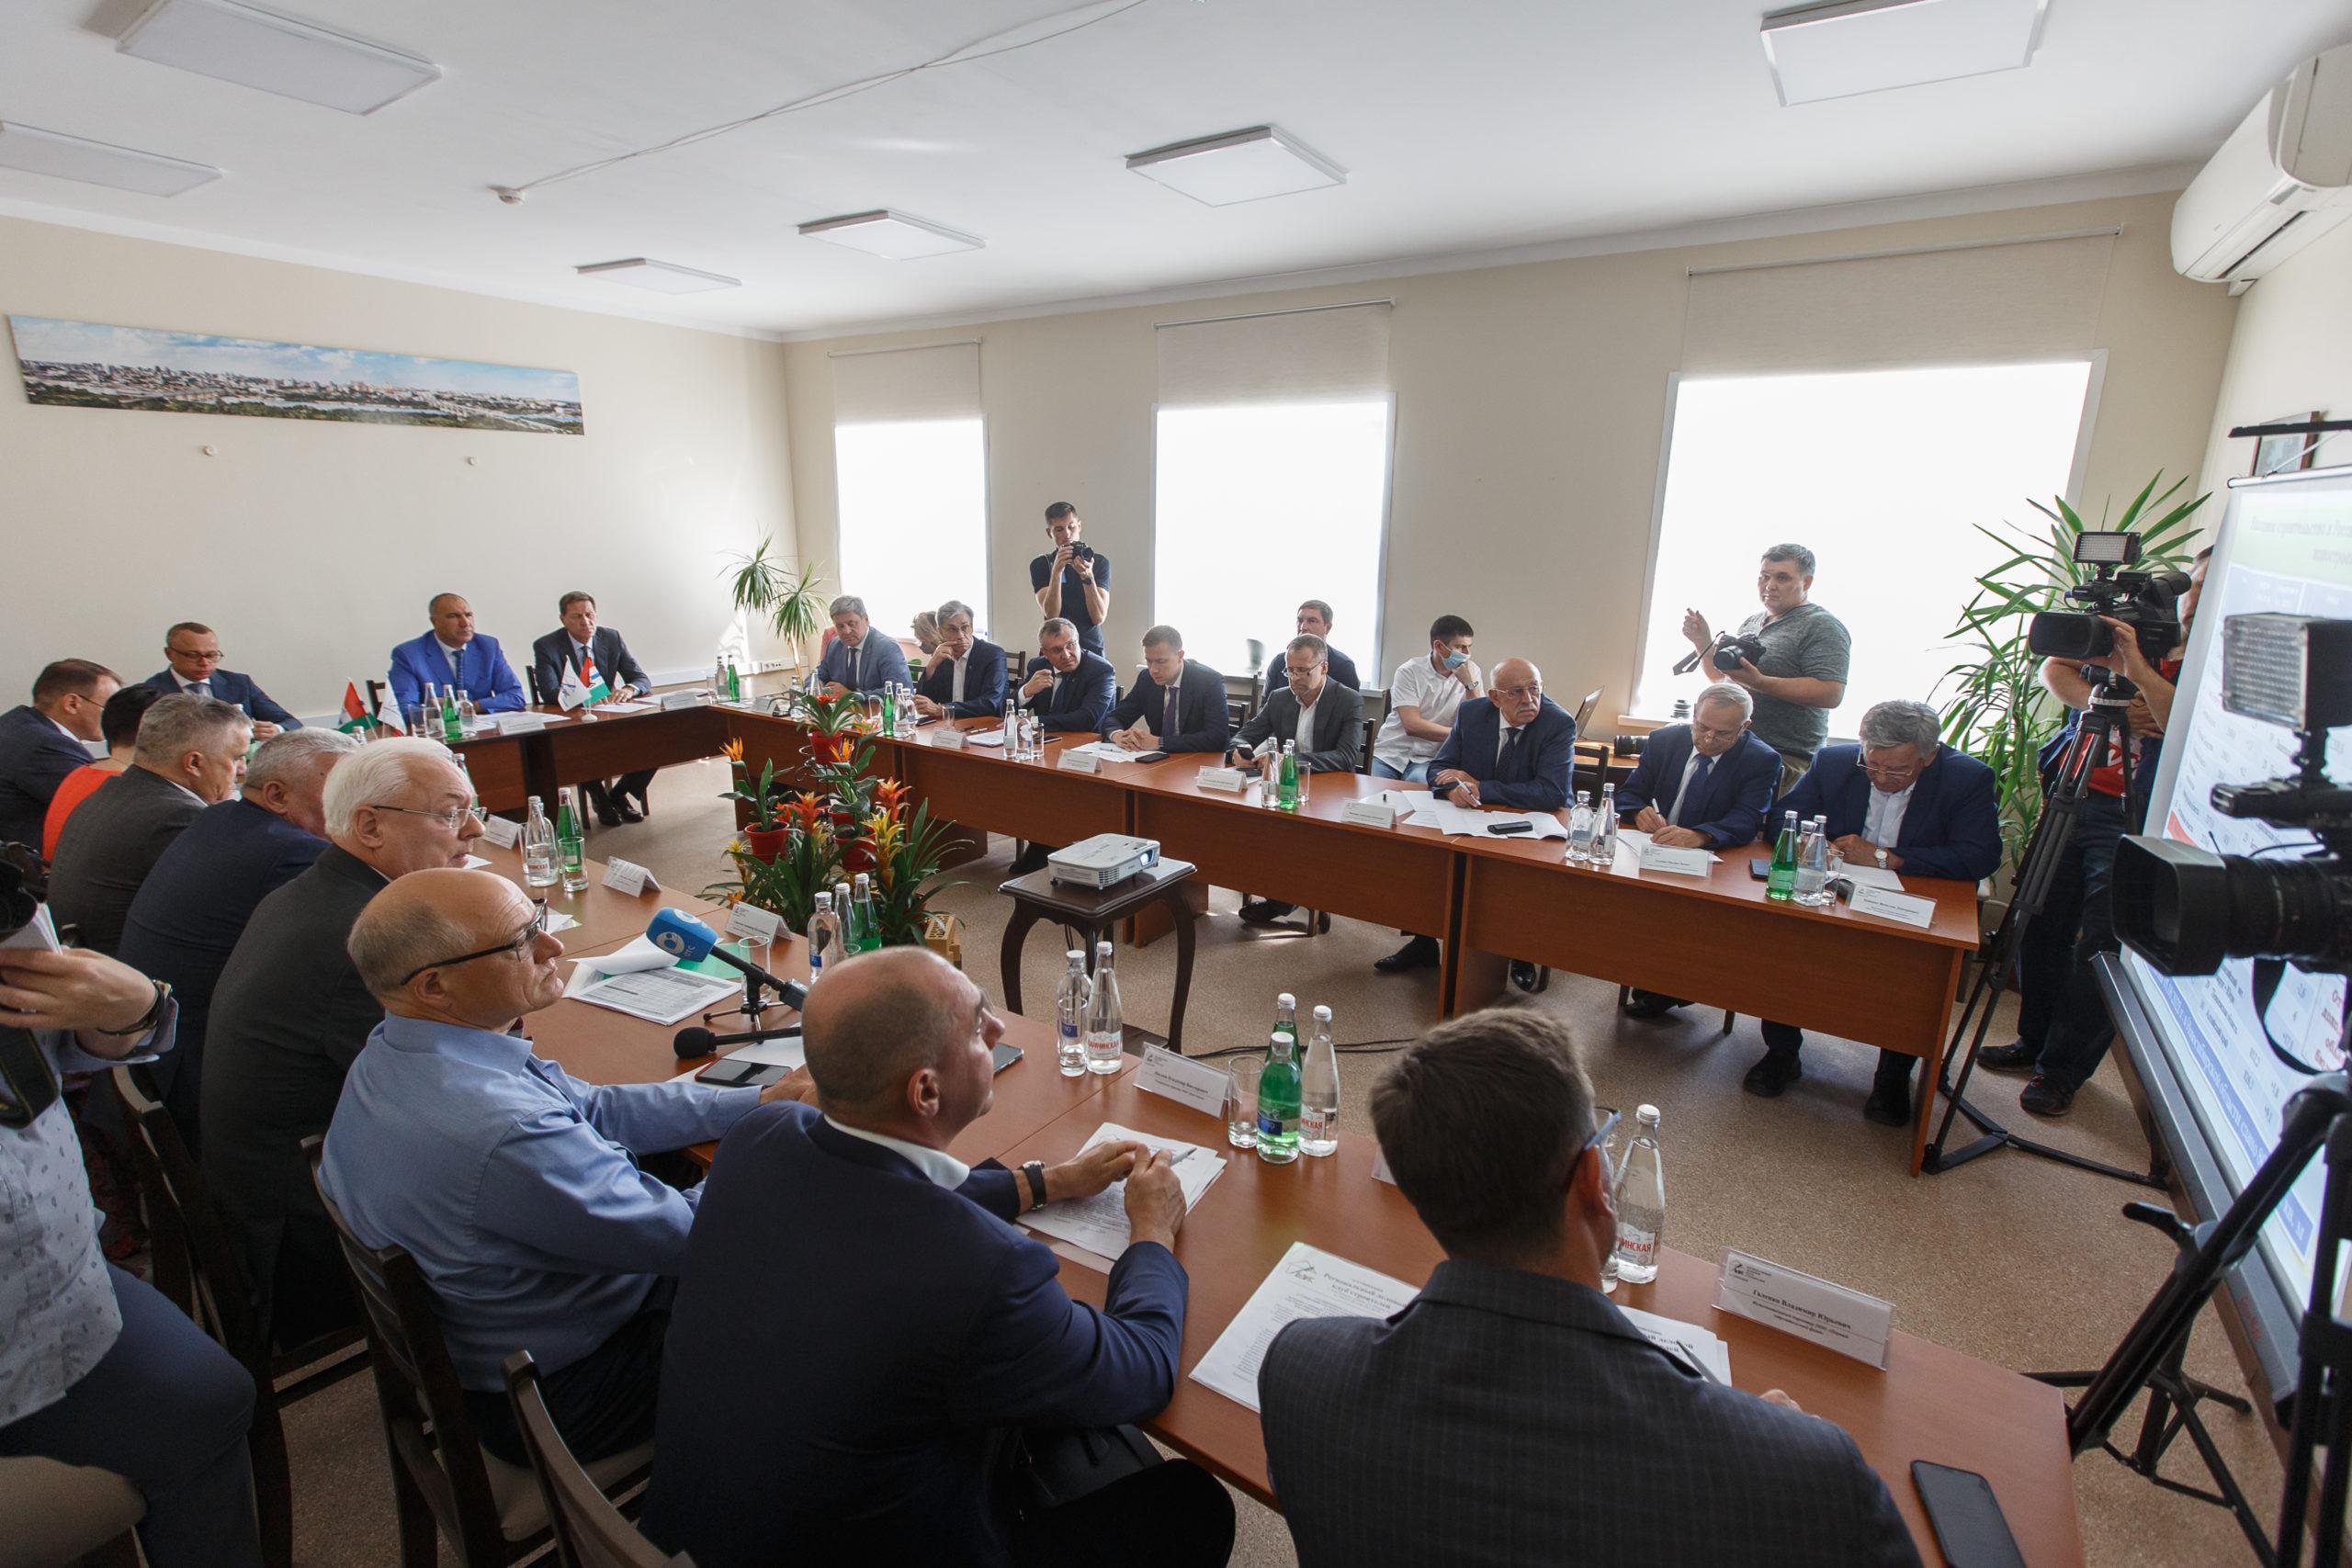 Состоялось расширенное заседание Ассоциации «РДКС» с участием первого заместителя председателя Государственной Думы Федерального собрания Российской Федерации Александра Жукова